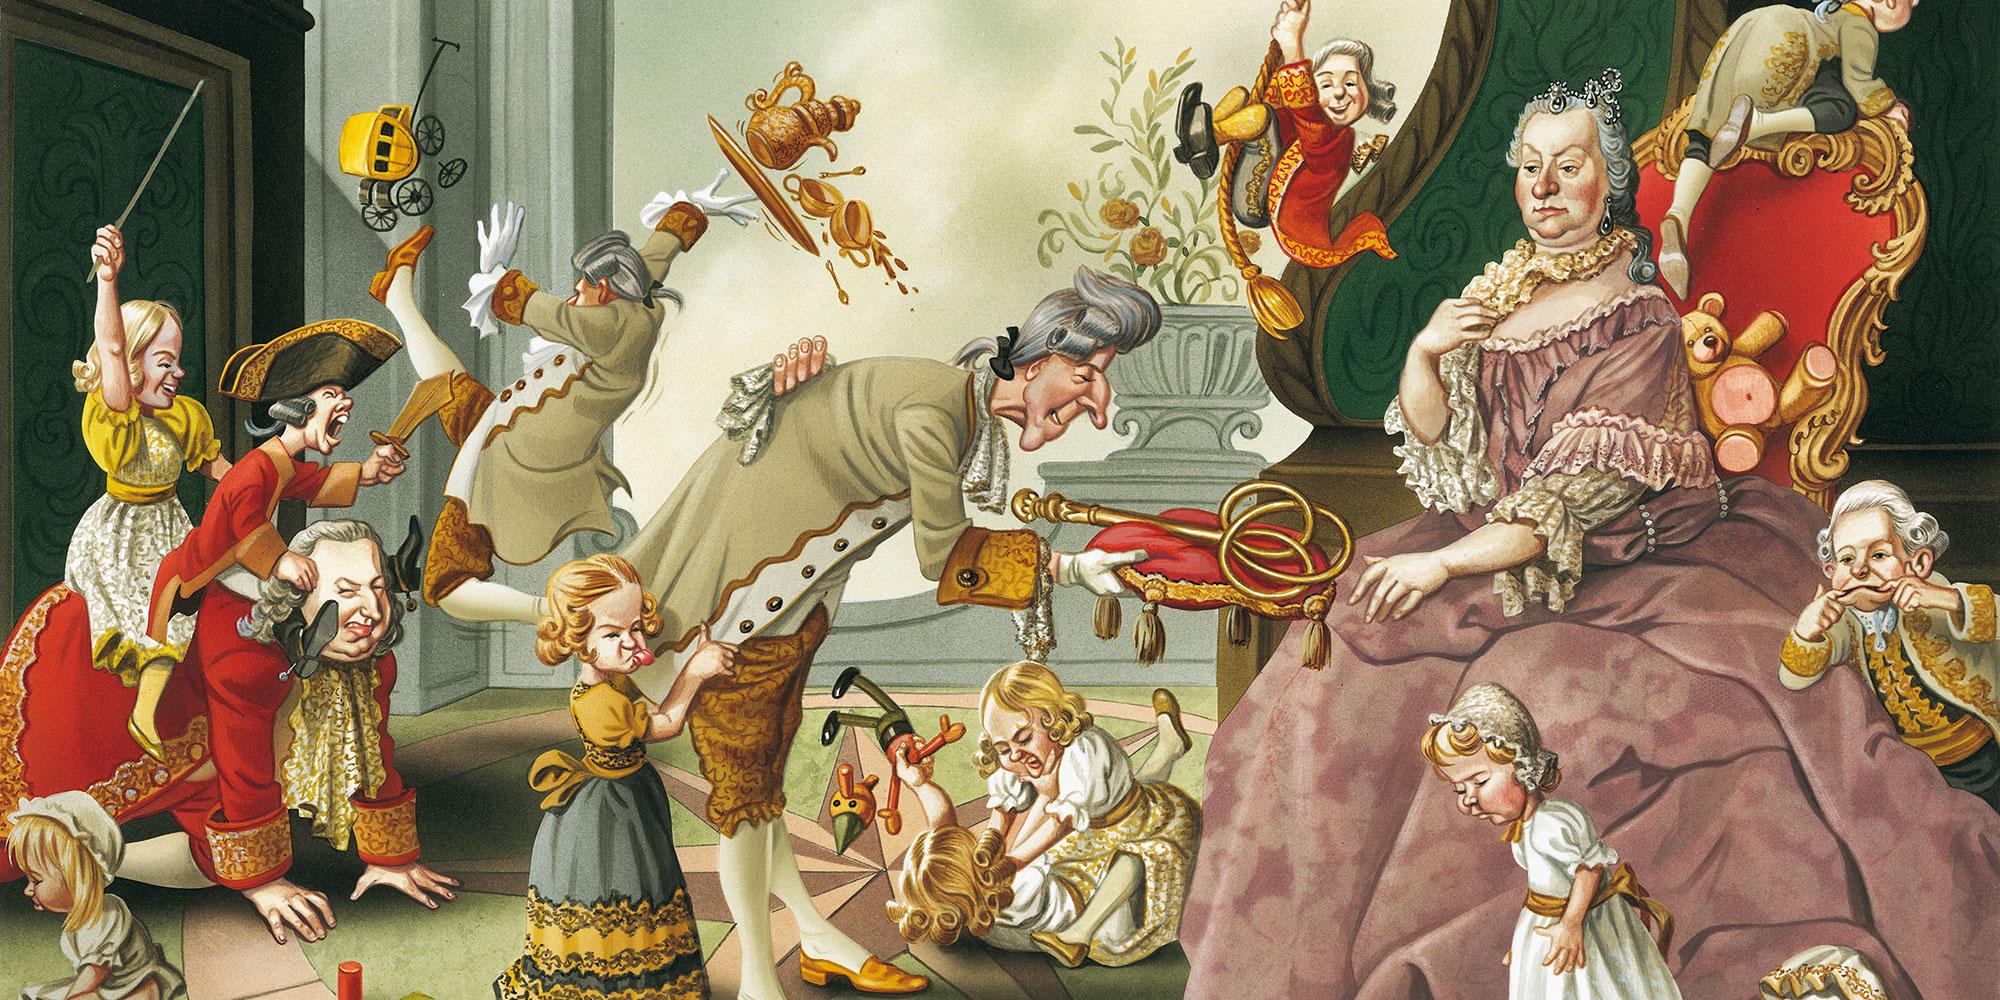 © Bruno Haberzettl, Das Kaiserpaar Maria Theresia und Franz I. im Kreise ihrer Kinder. Die Einführung der Schulpflicht war nur eine Frage der Zeit © Bruno Haberzettl